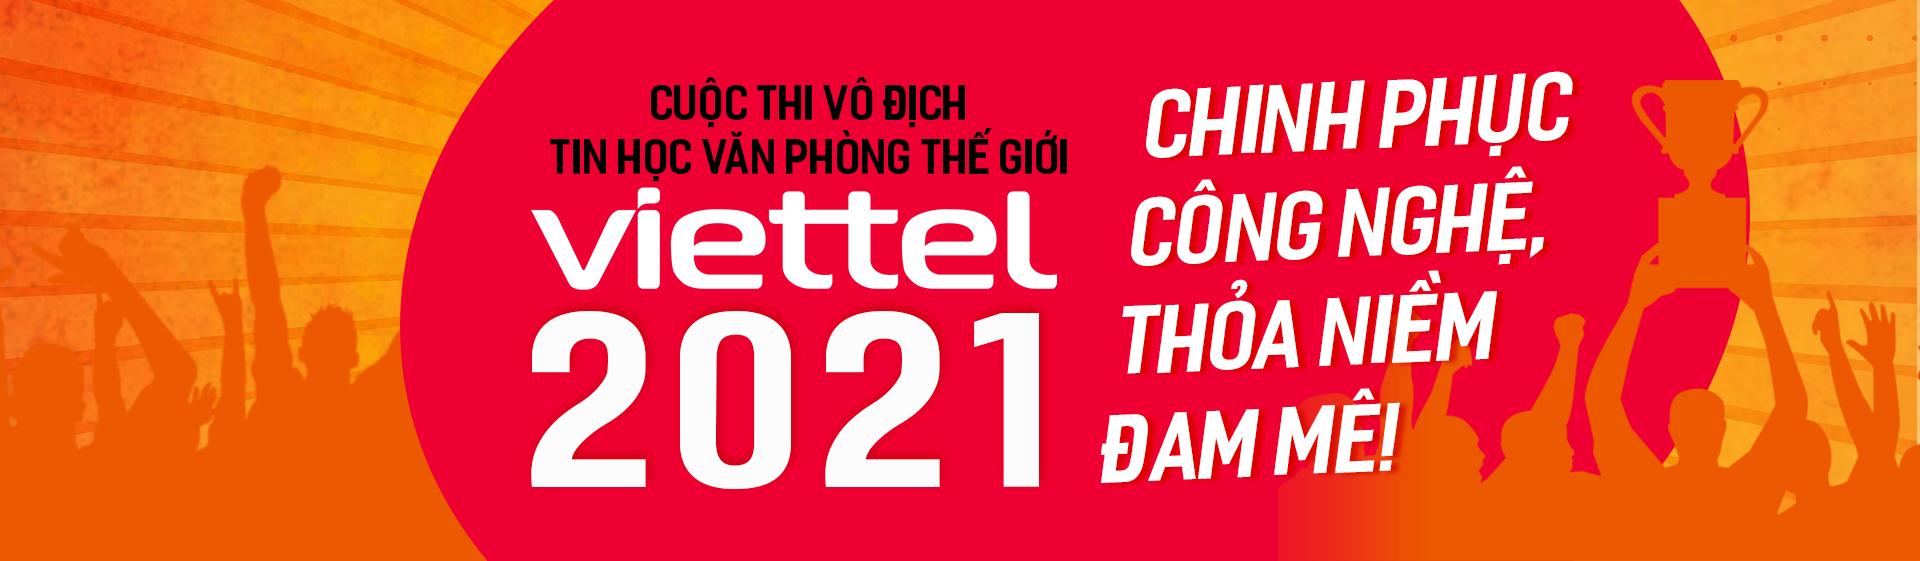 Thông báo lịch thi chính thức và địa điểm tổ chức Cuộc thi Vô địch Tin học văn phòng Thế giới – Viettel 2021